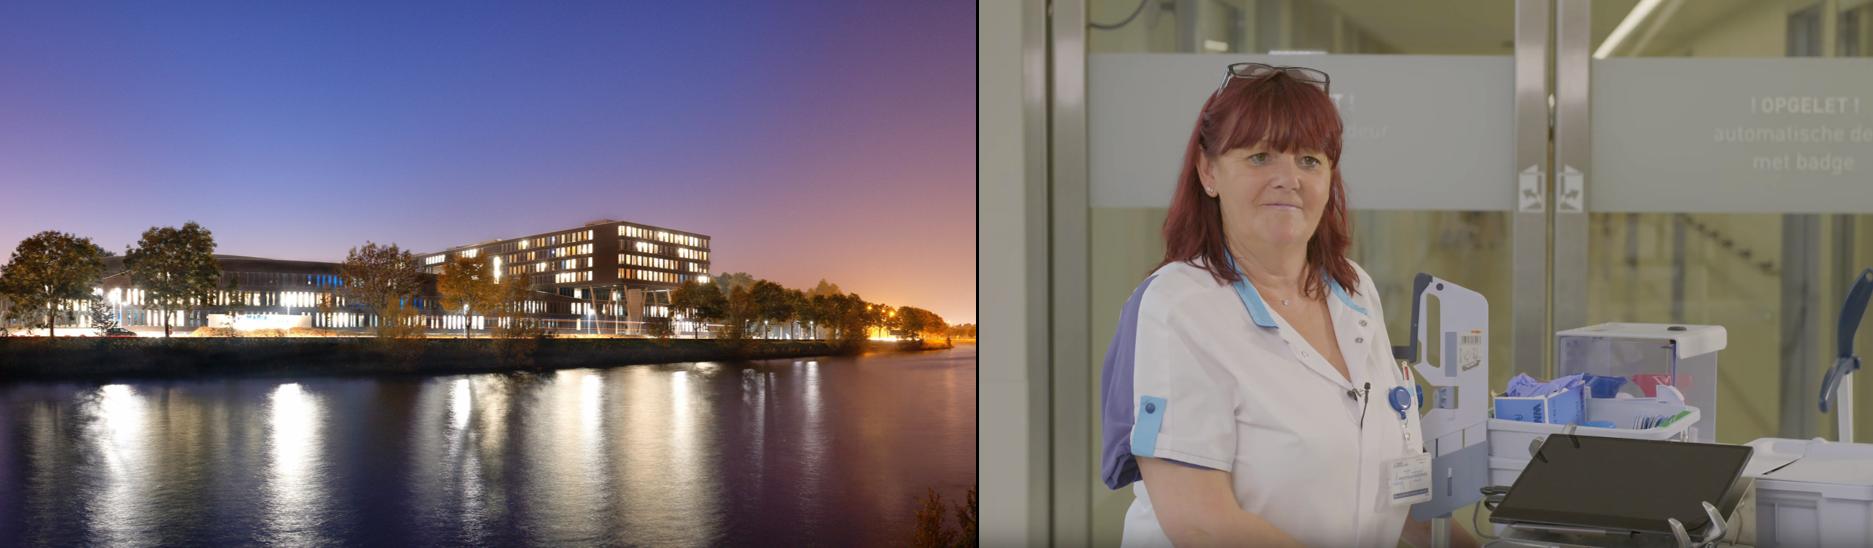 Bild som visar en sjuksköterska och ett sjukhus